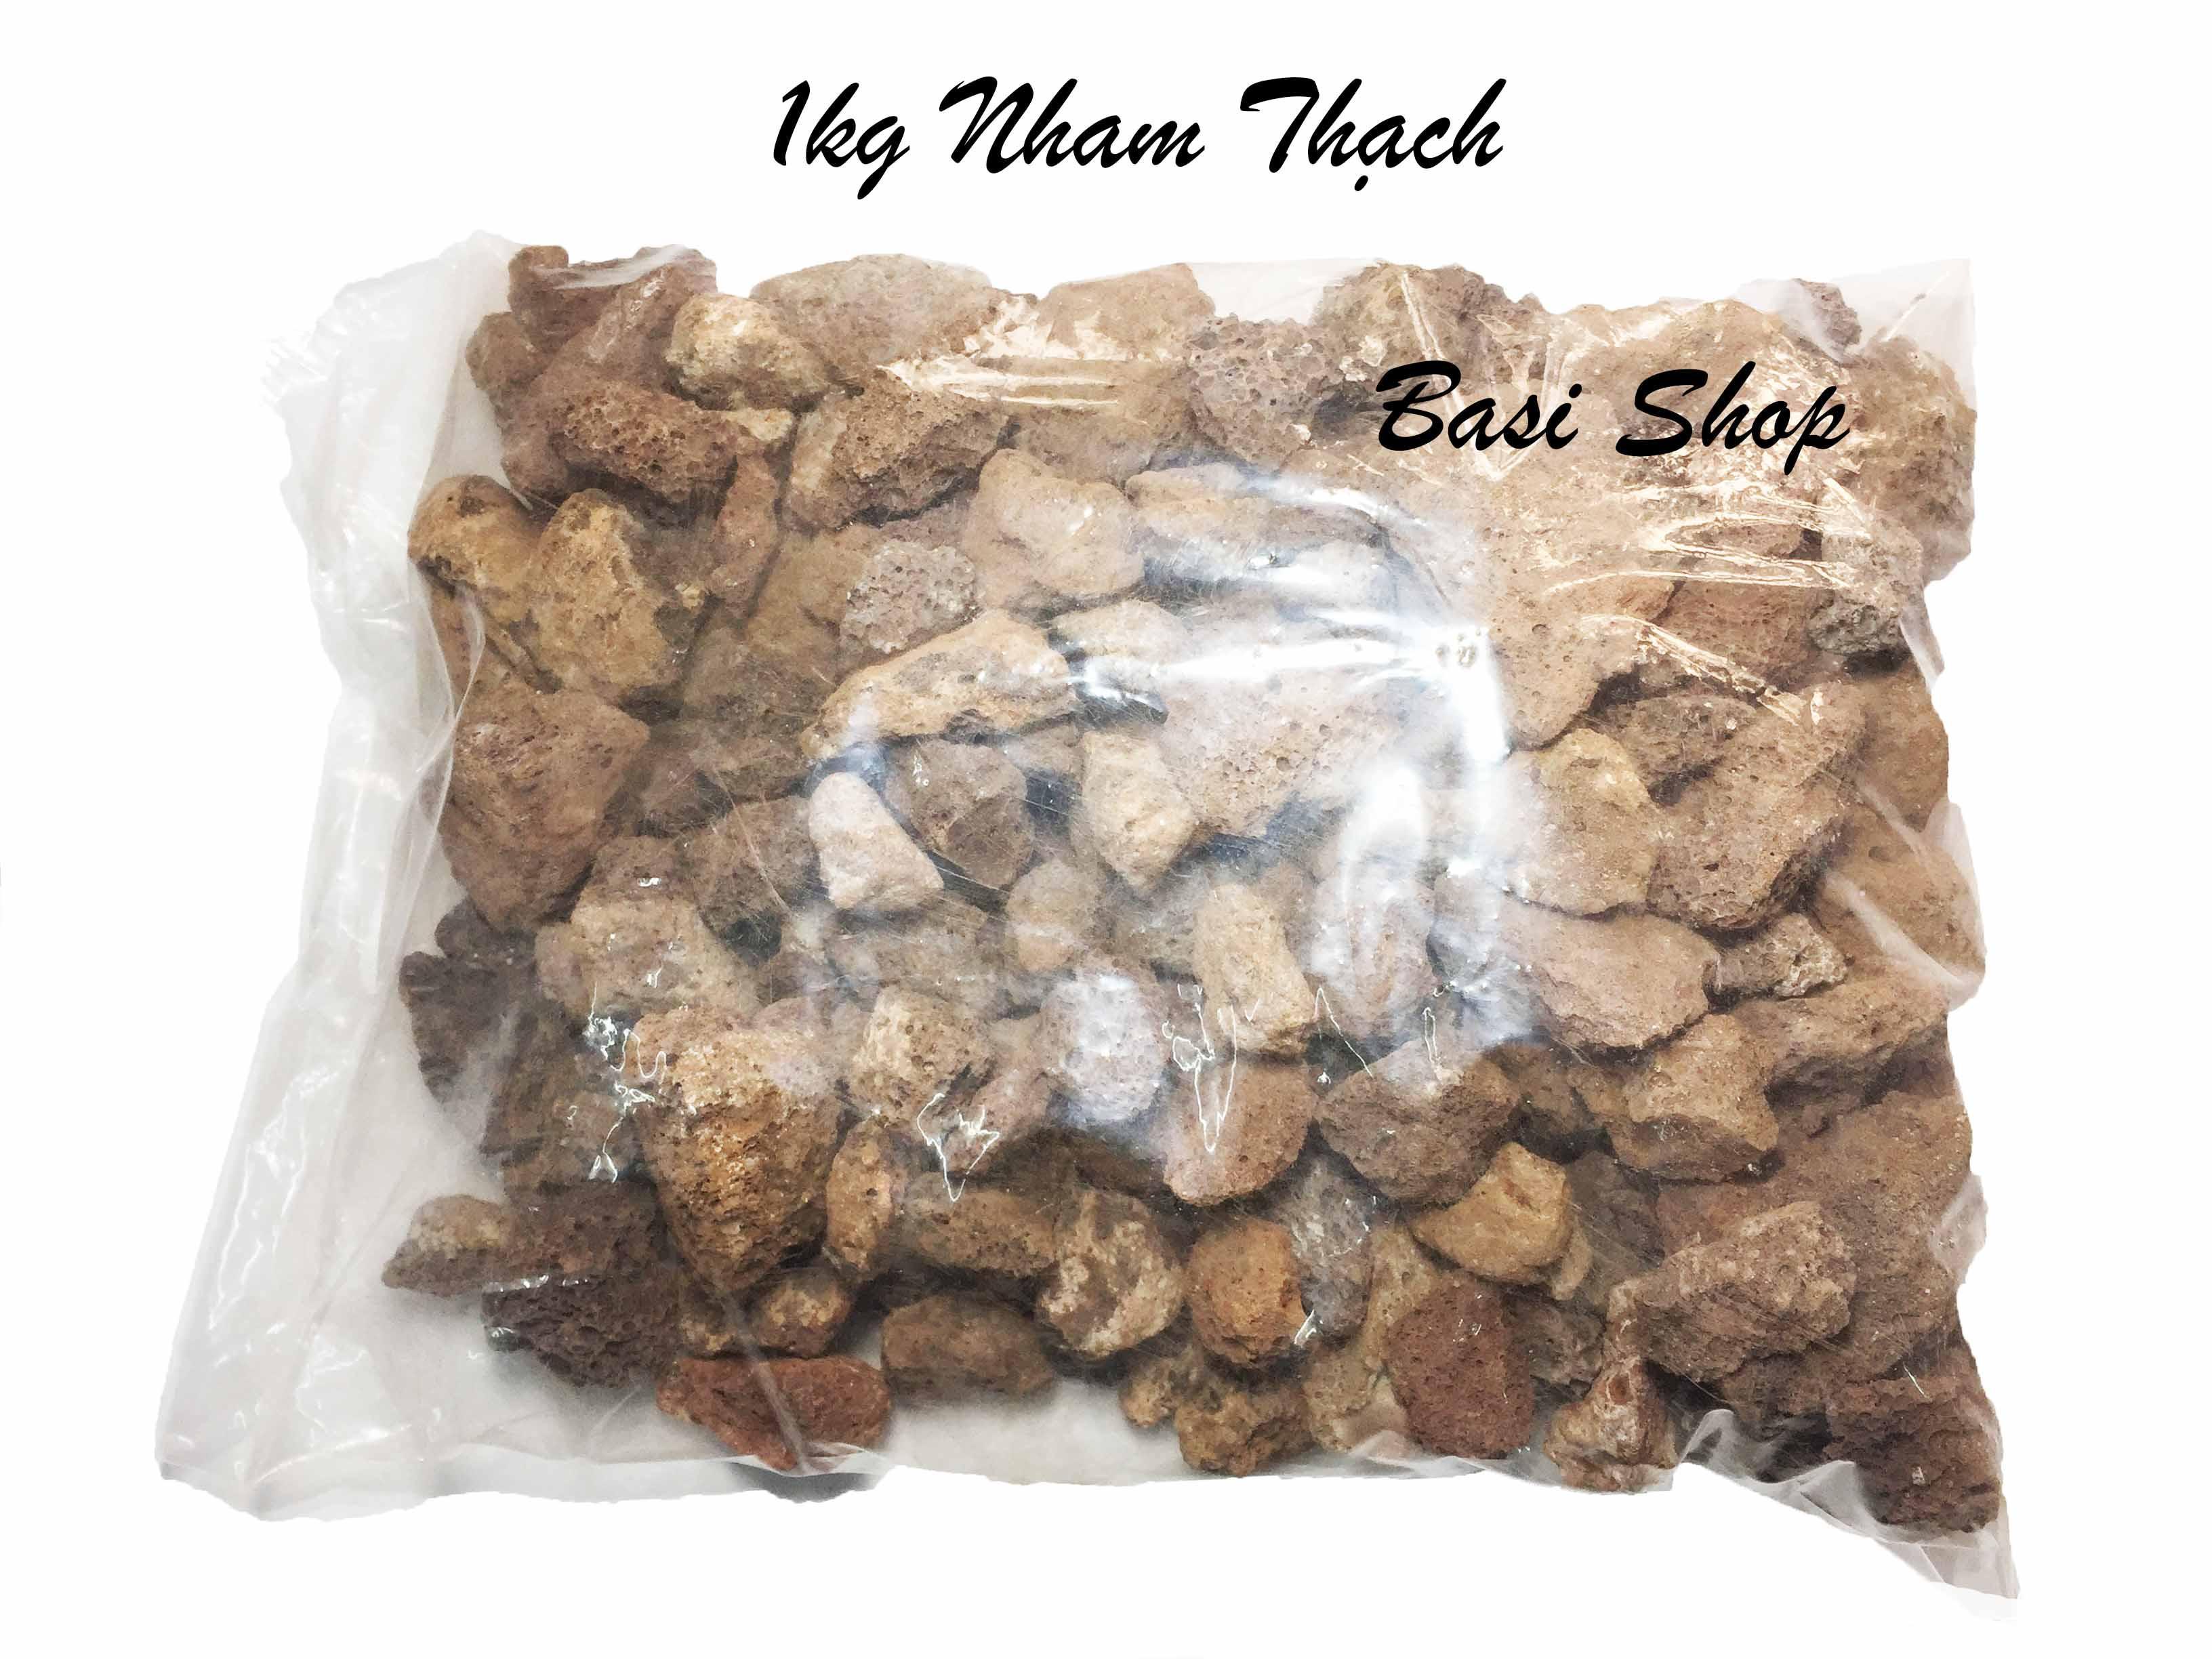 [Vật Liệu Lọc] 1kg Đá Nham Thạch Viên Nhỏ - Vật Liệu Lọc Nham Thạch Size Nhỏ